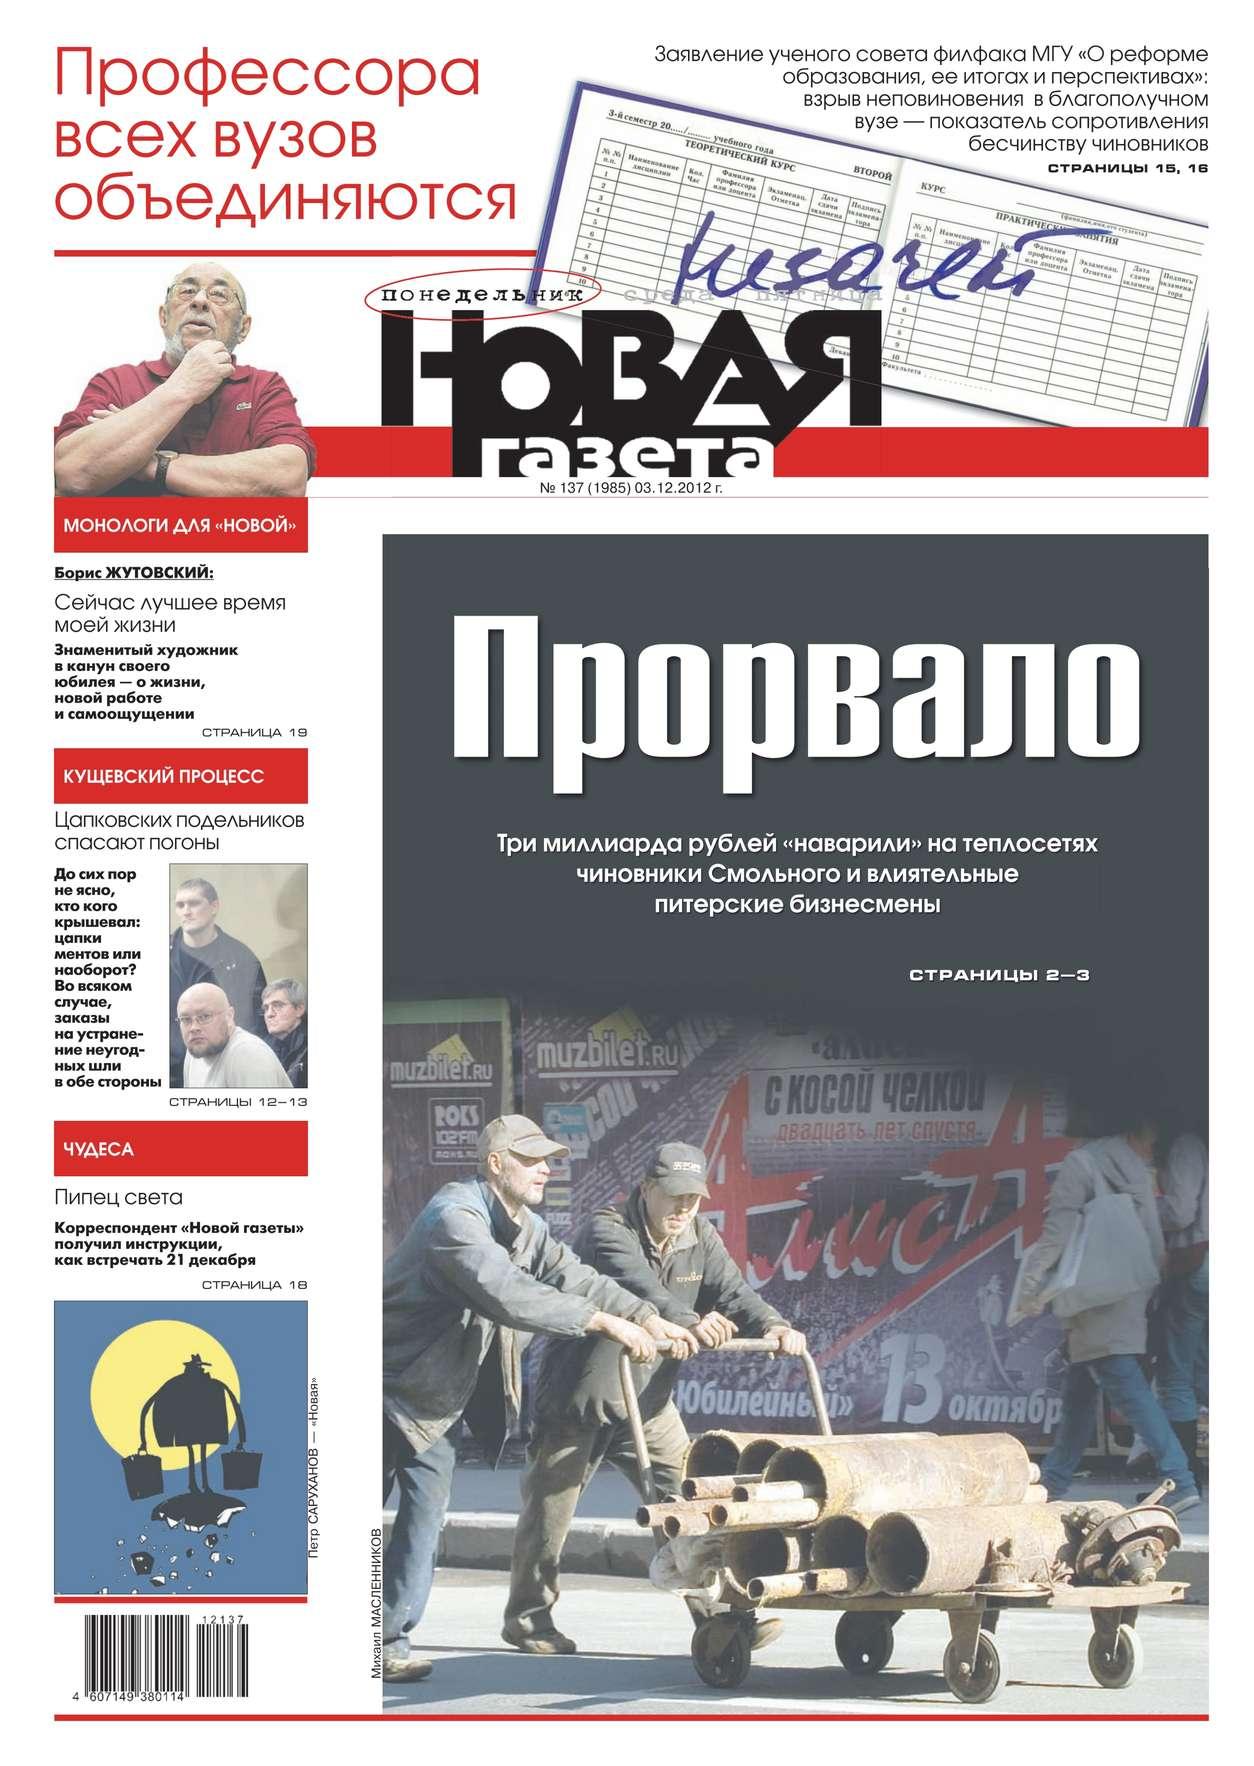 Редакция газеты Новая Газета Новая газета 137-12-2012 редакция газеты новая газета новая газета 130 11 2012